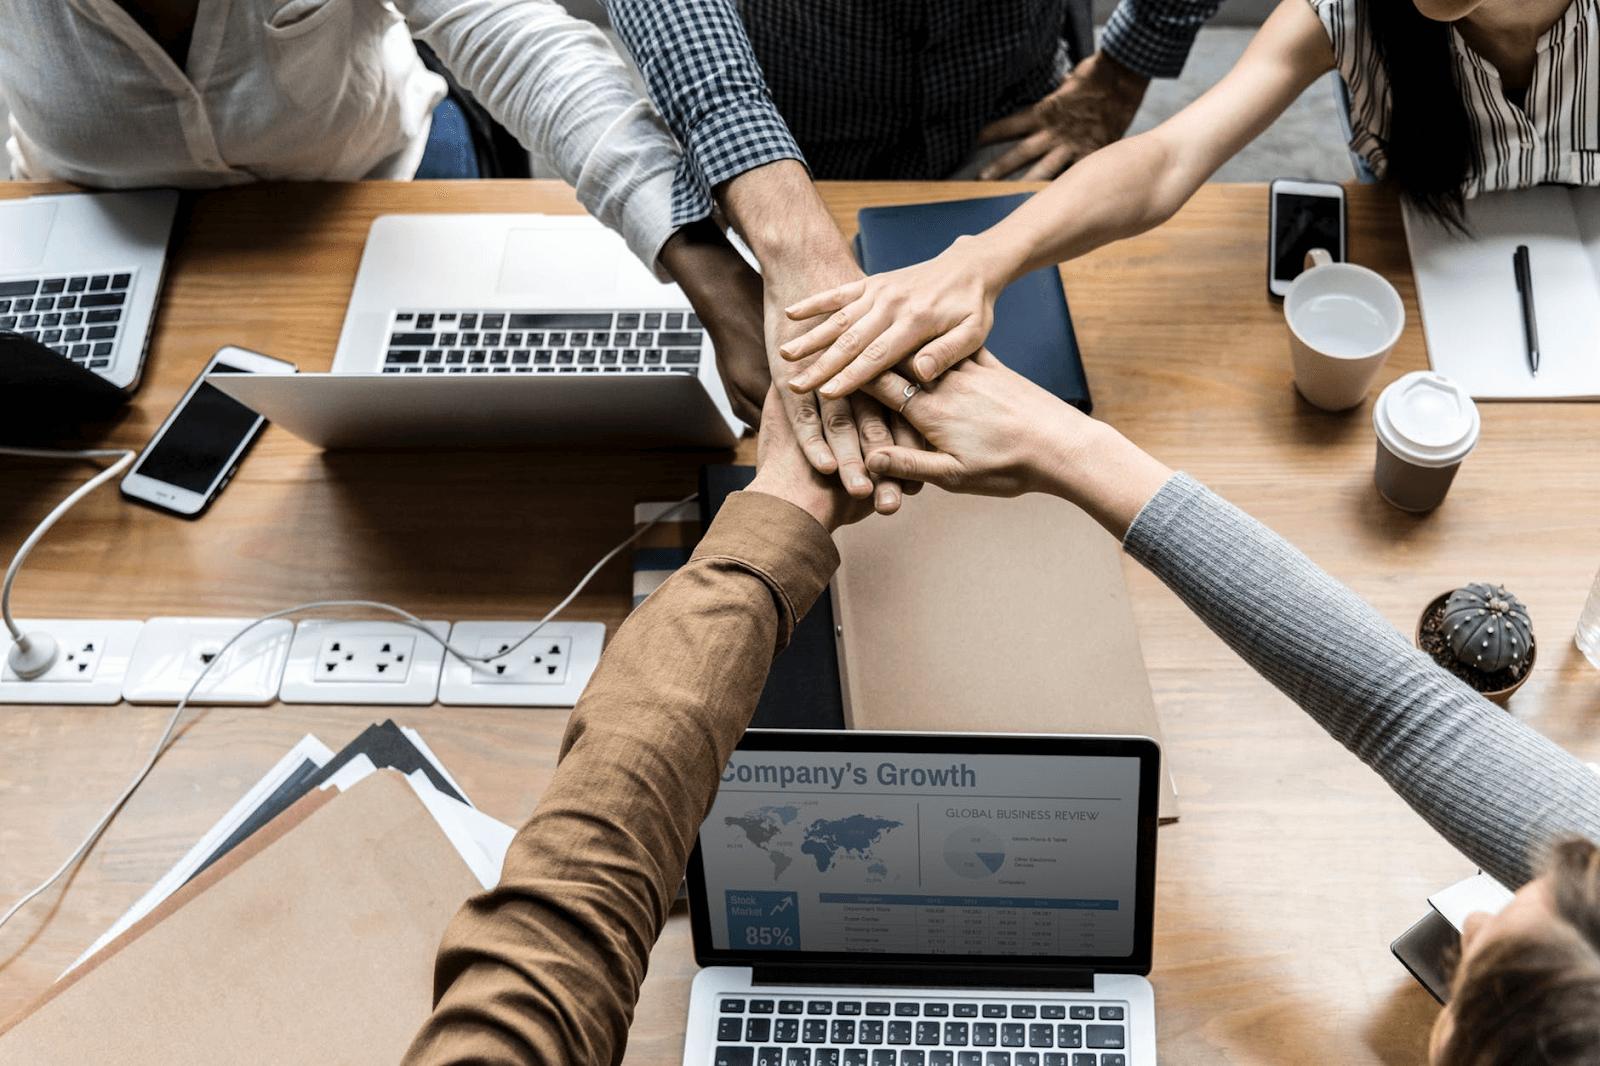 همکاری یکی از کلیدیترین عناصر پروژههای تحقیق و توسعه است